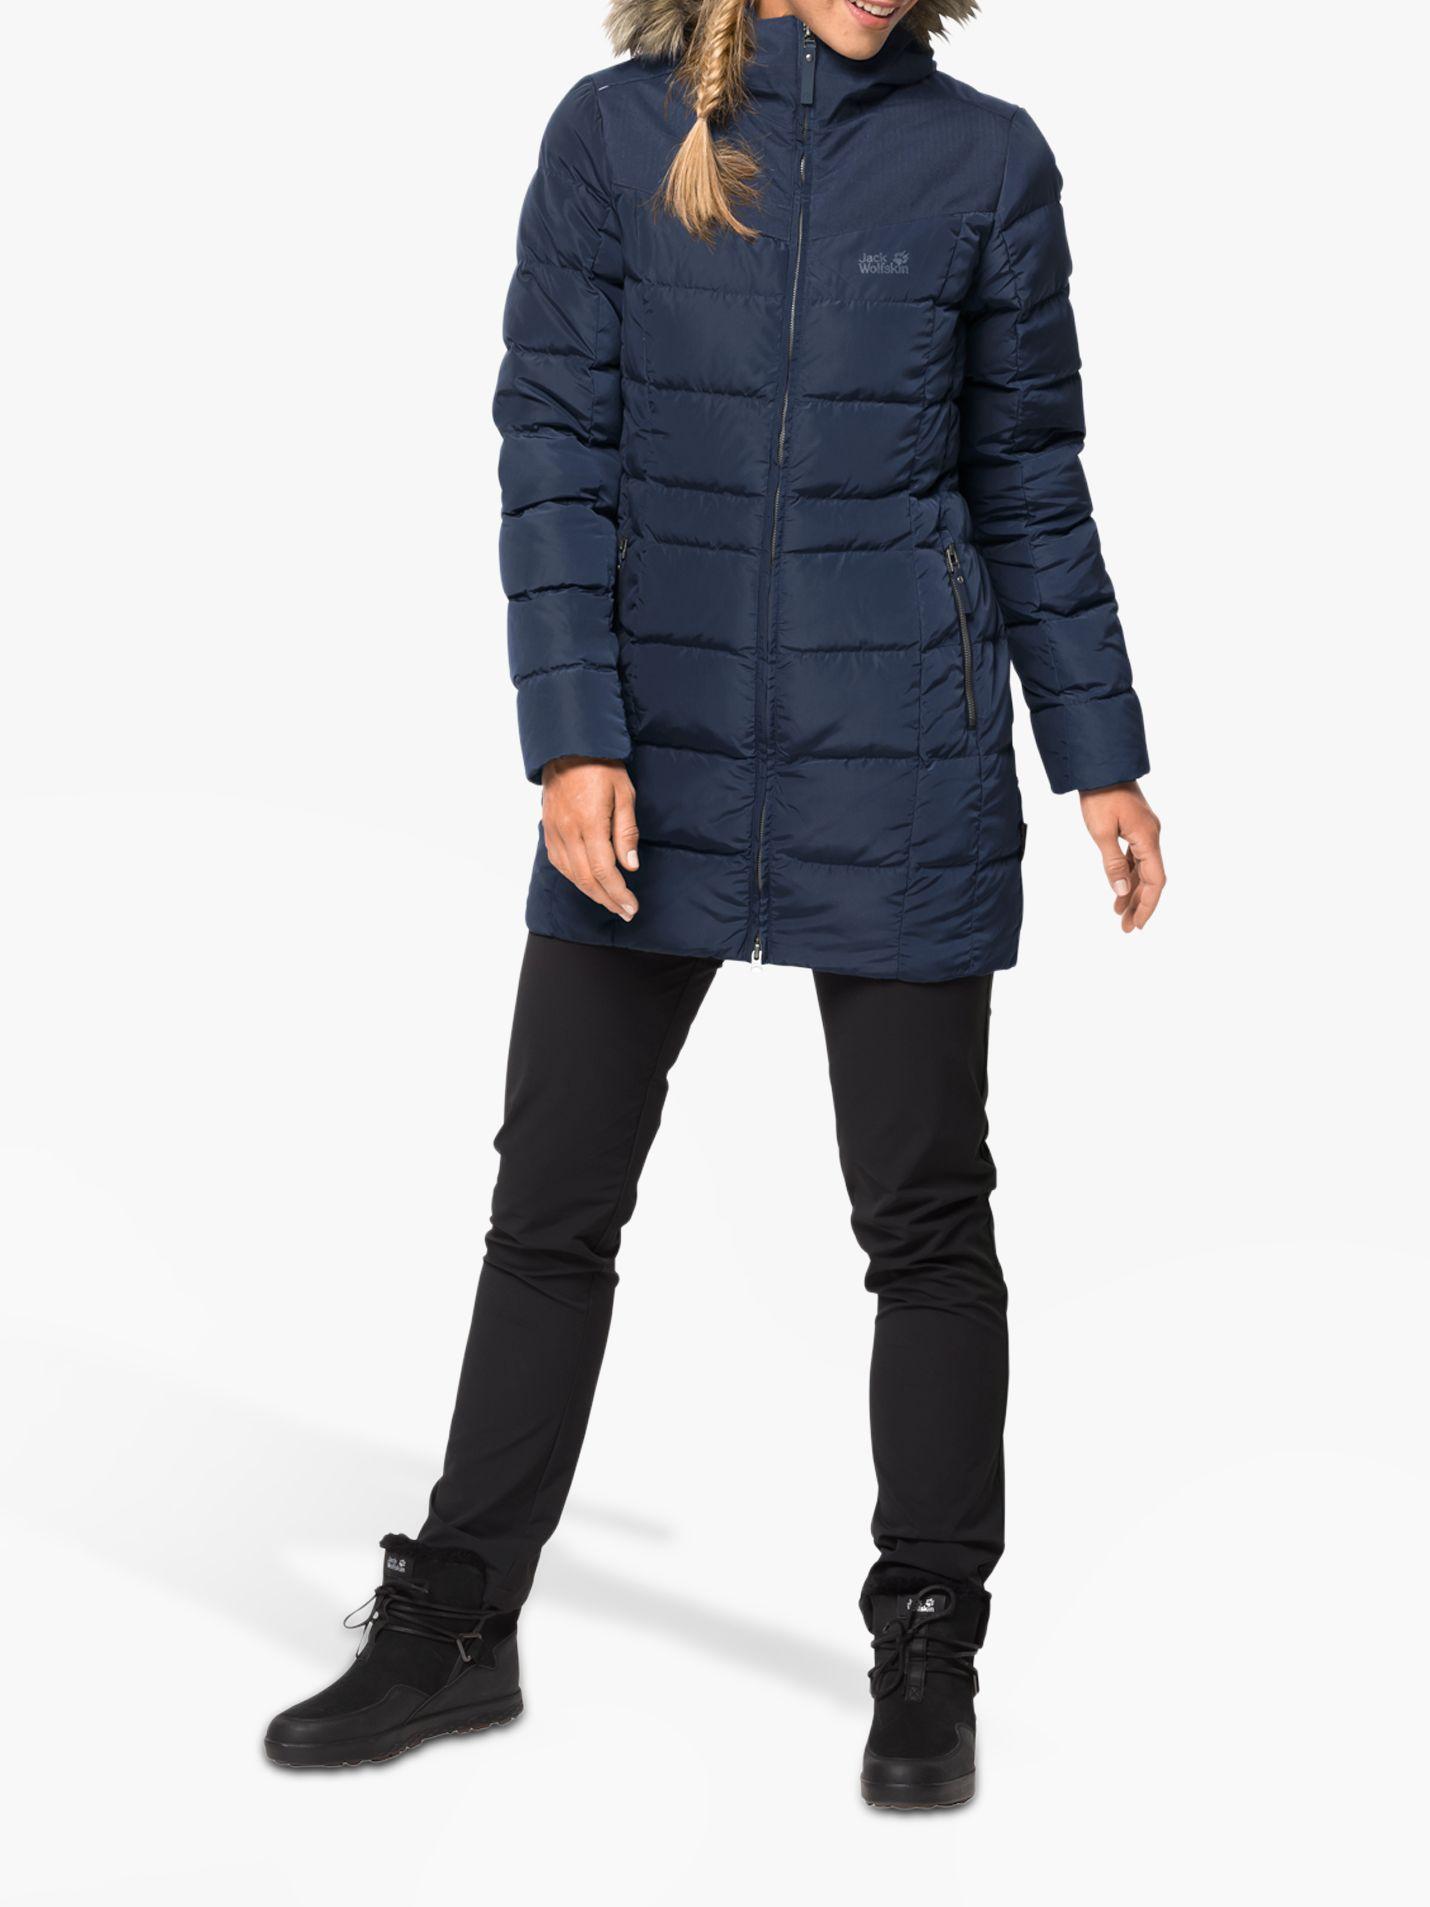 Jack Wolfskin Jack Wolfskin Baffin Island Women's Insulated Coat, Midnight Blue